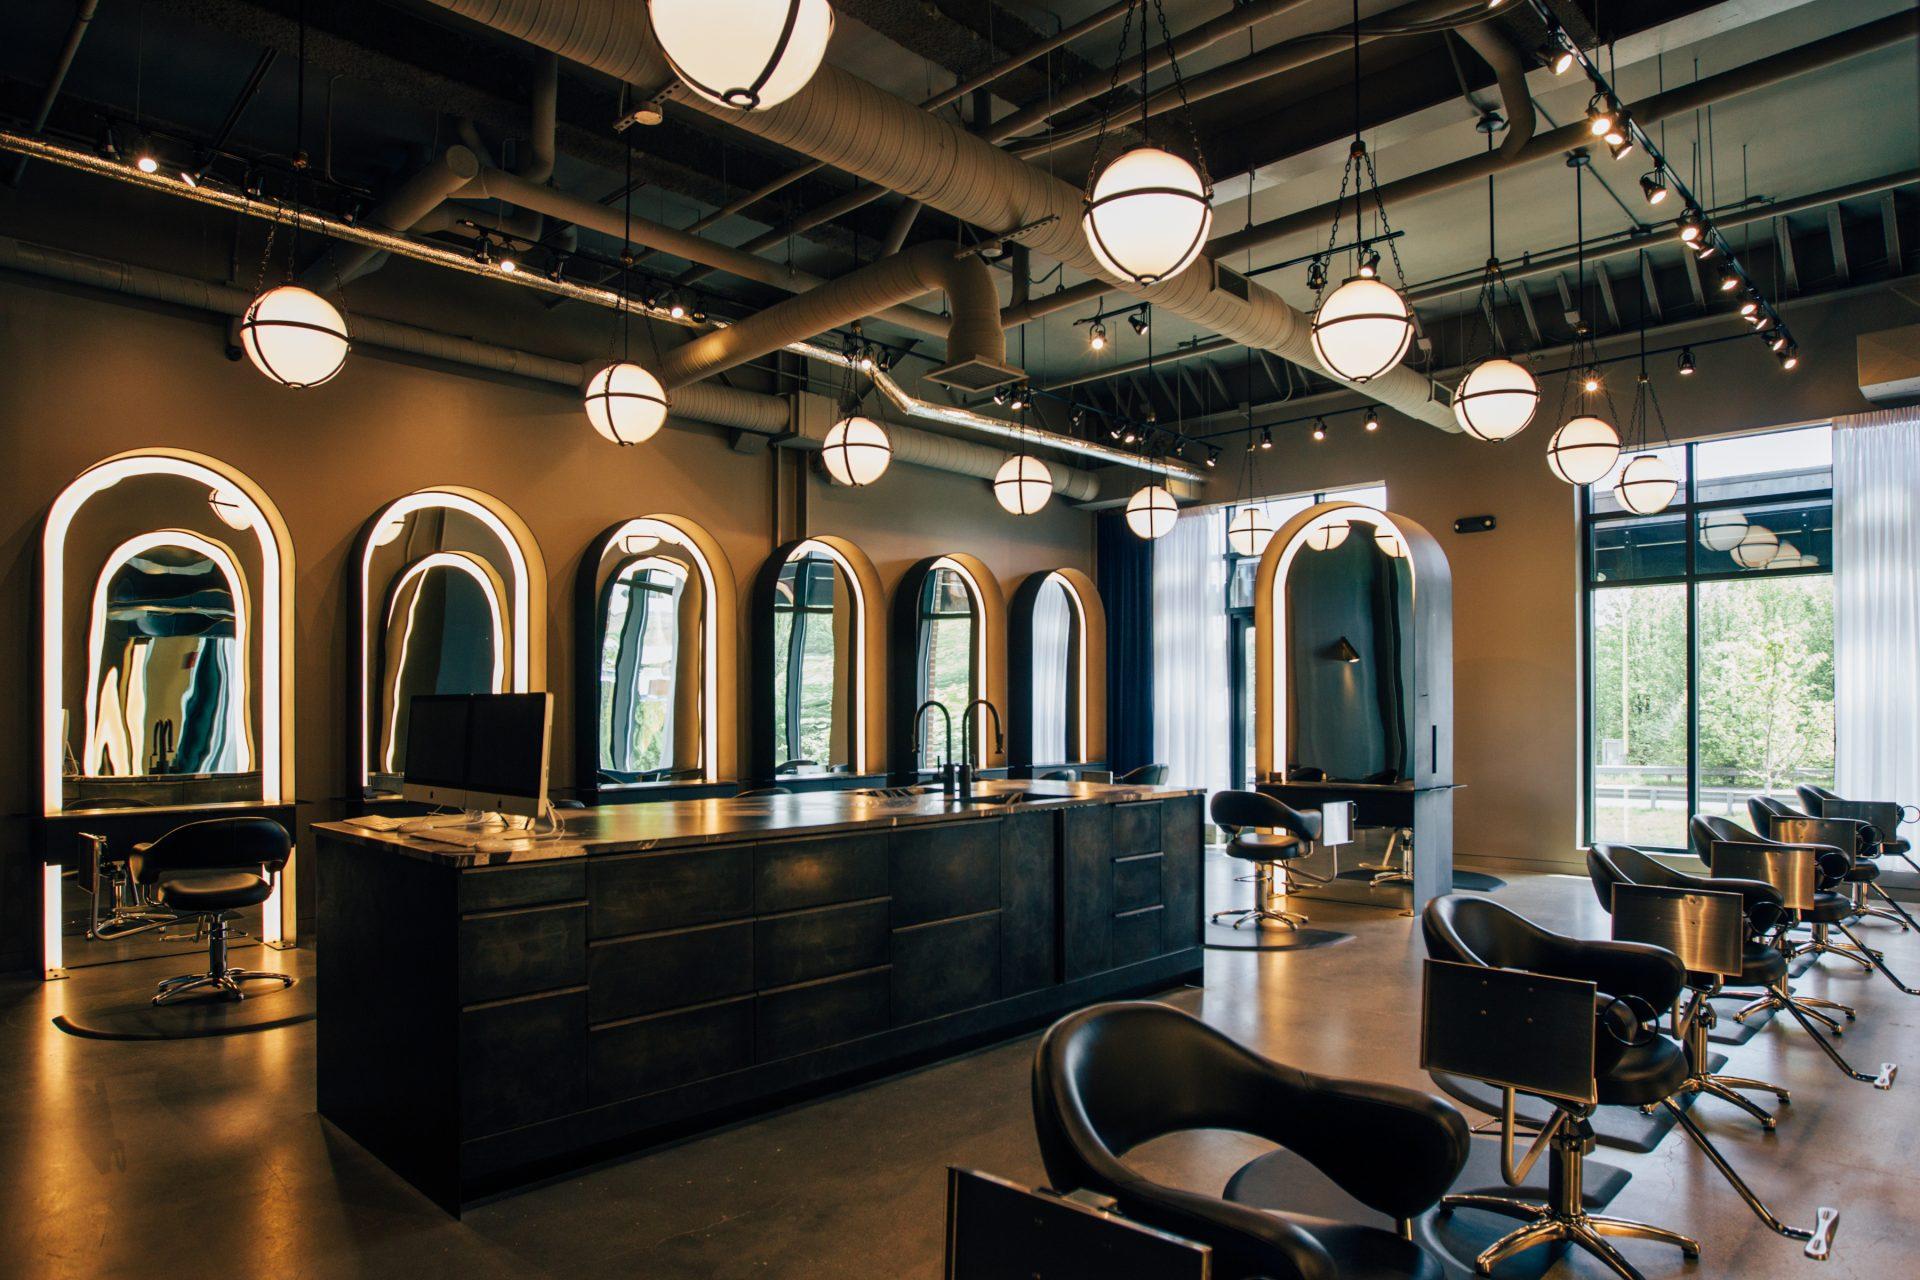 Les immanquables salons de coiffure et barbiers downtown